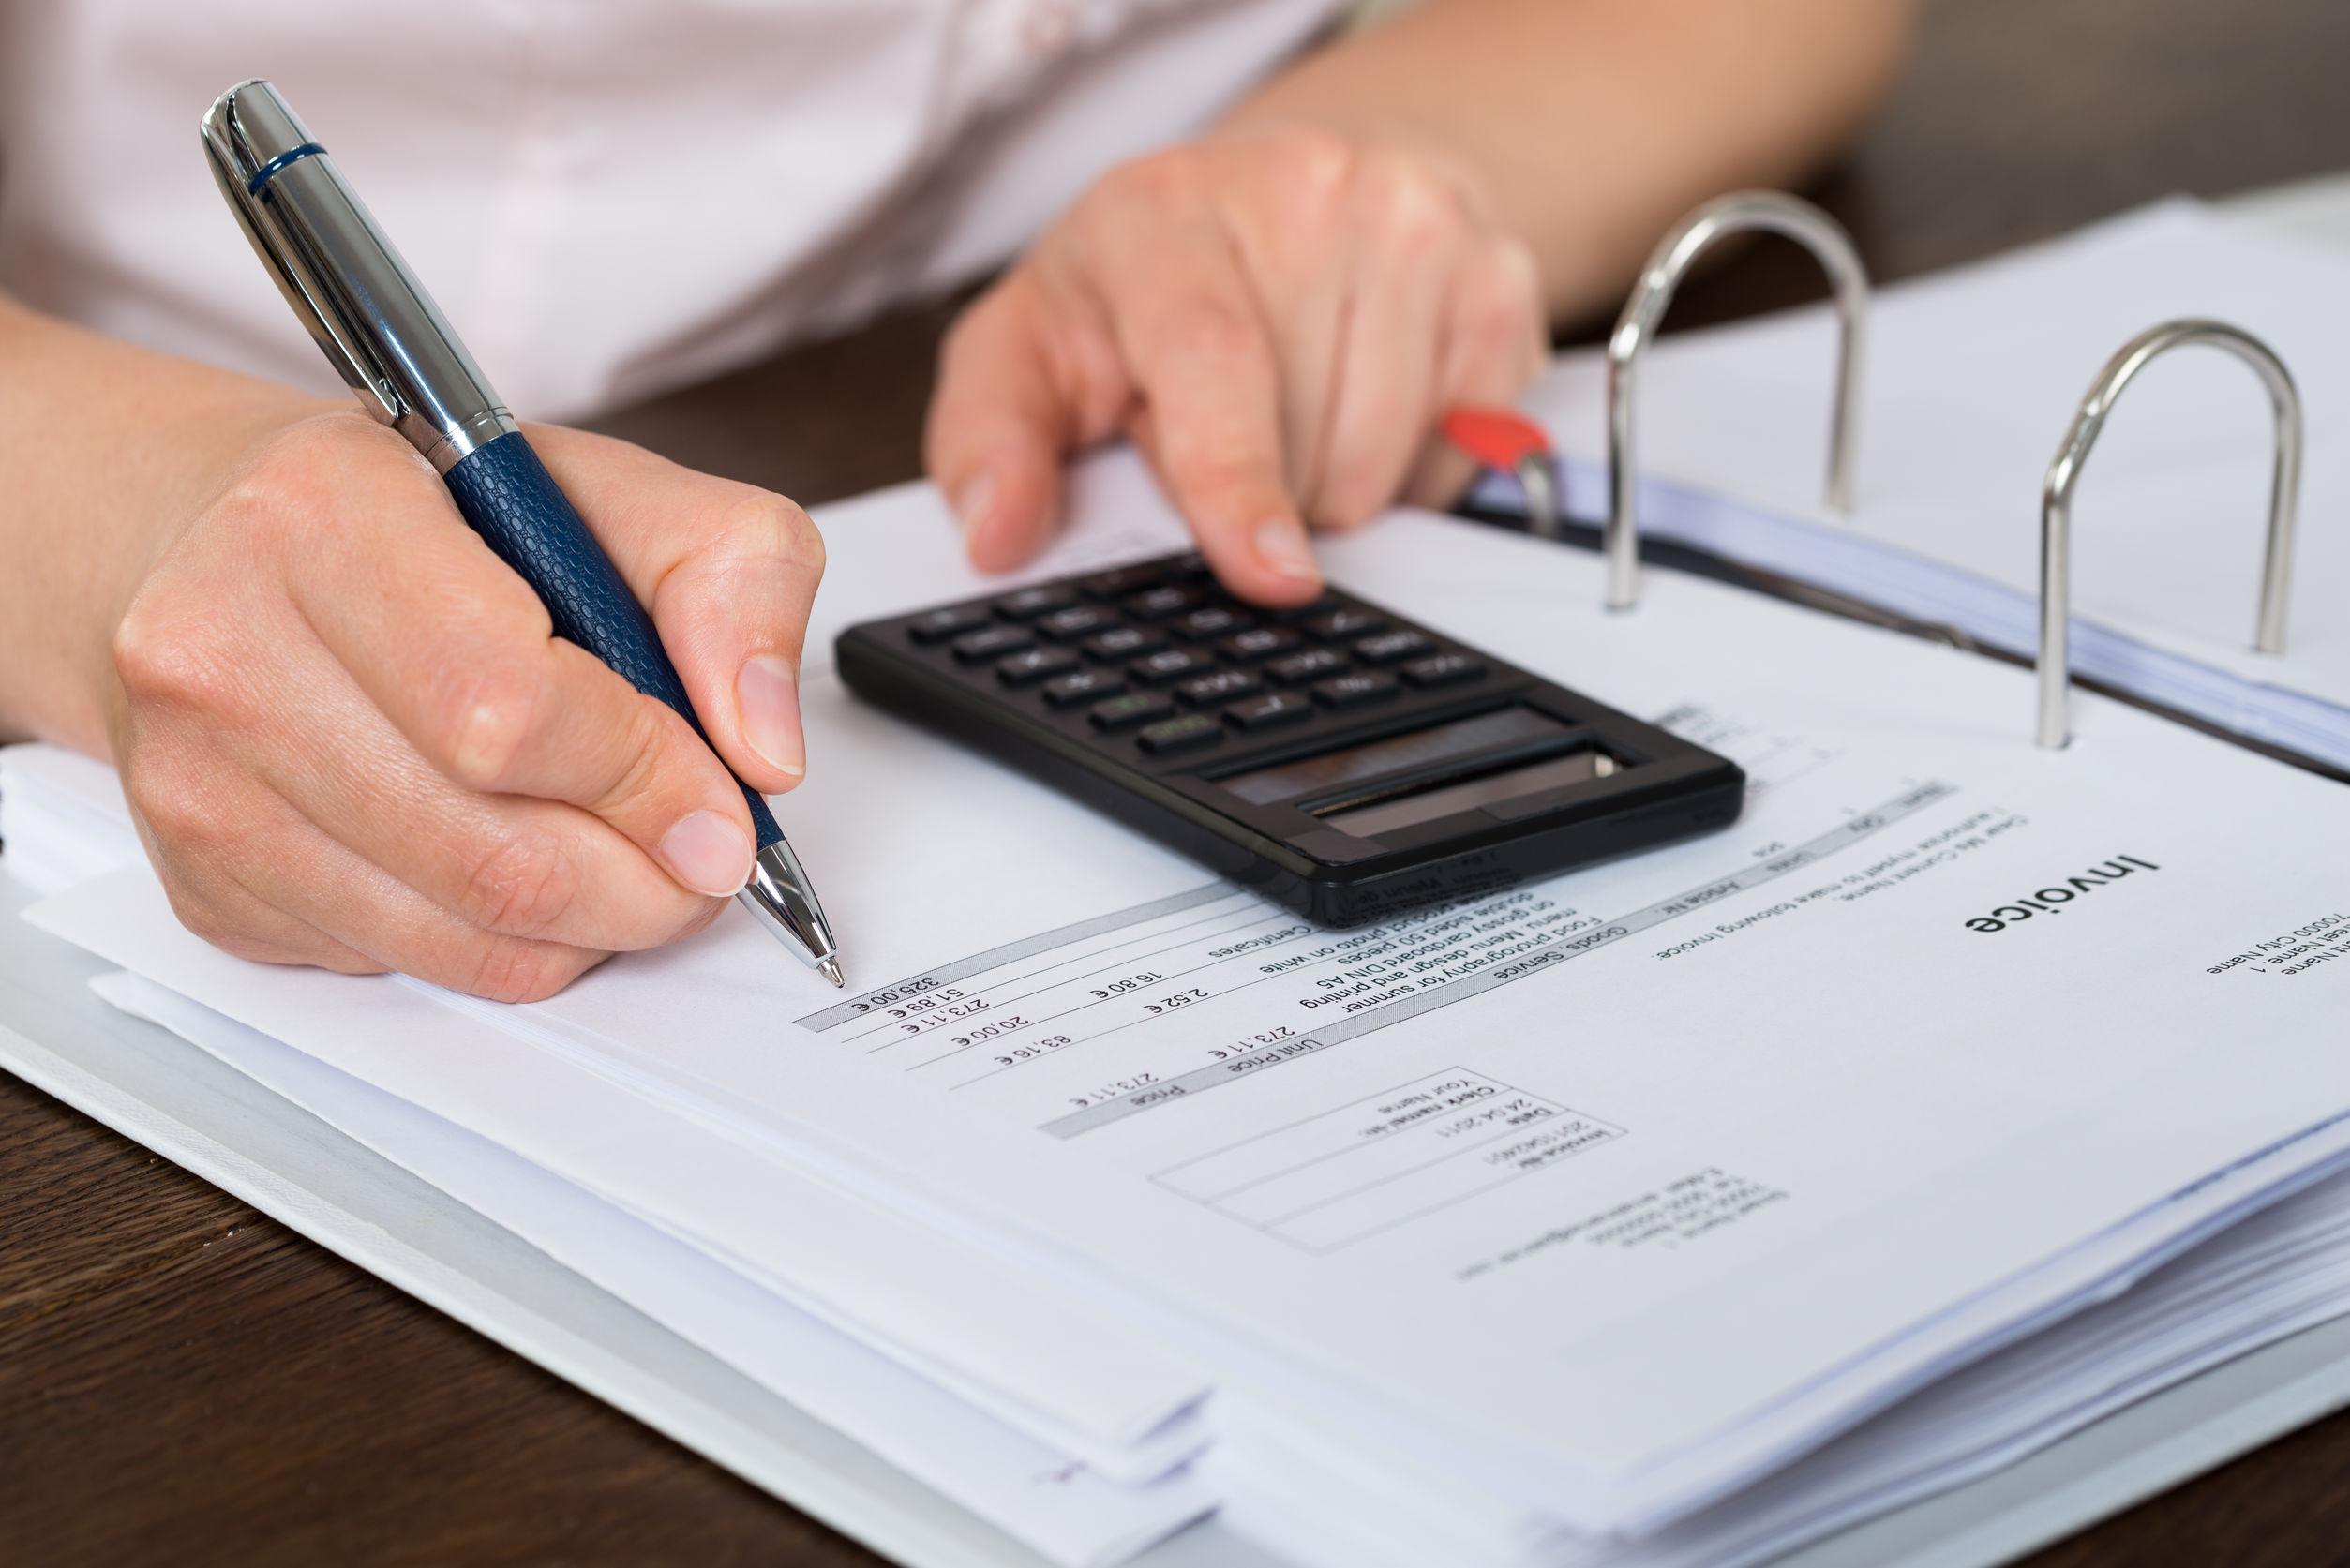 Hướng dẫn mới về ngành nghề cách thức làm thủ tục thuế